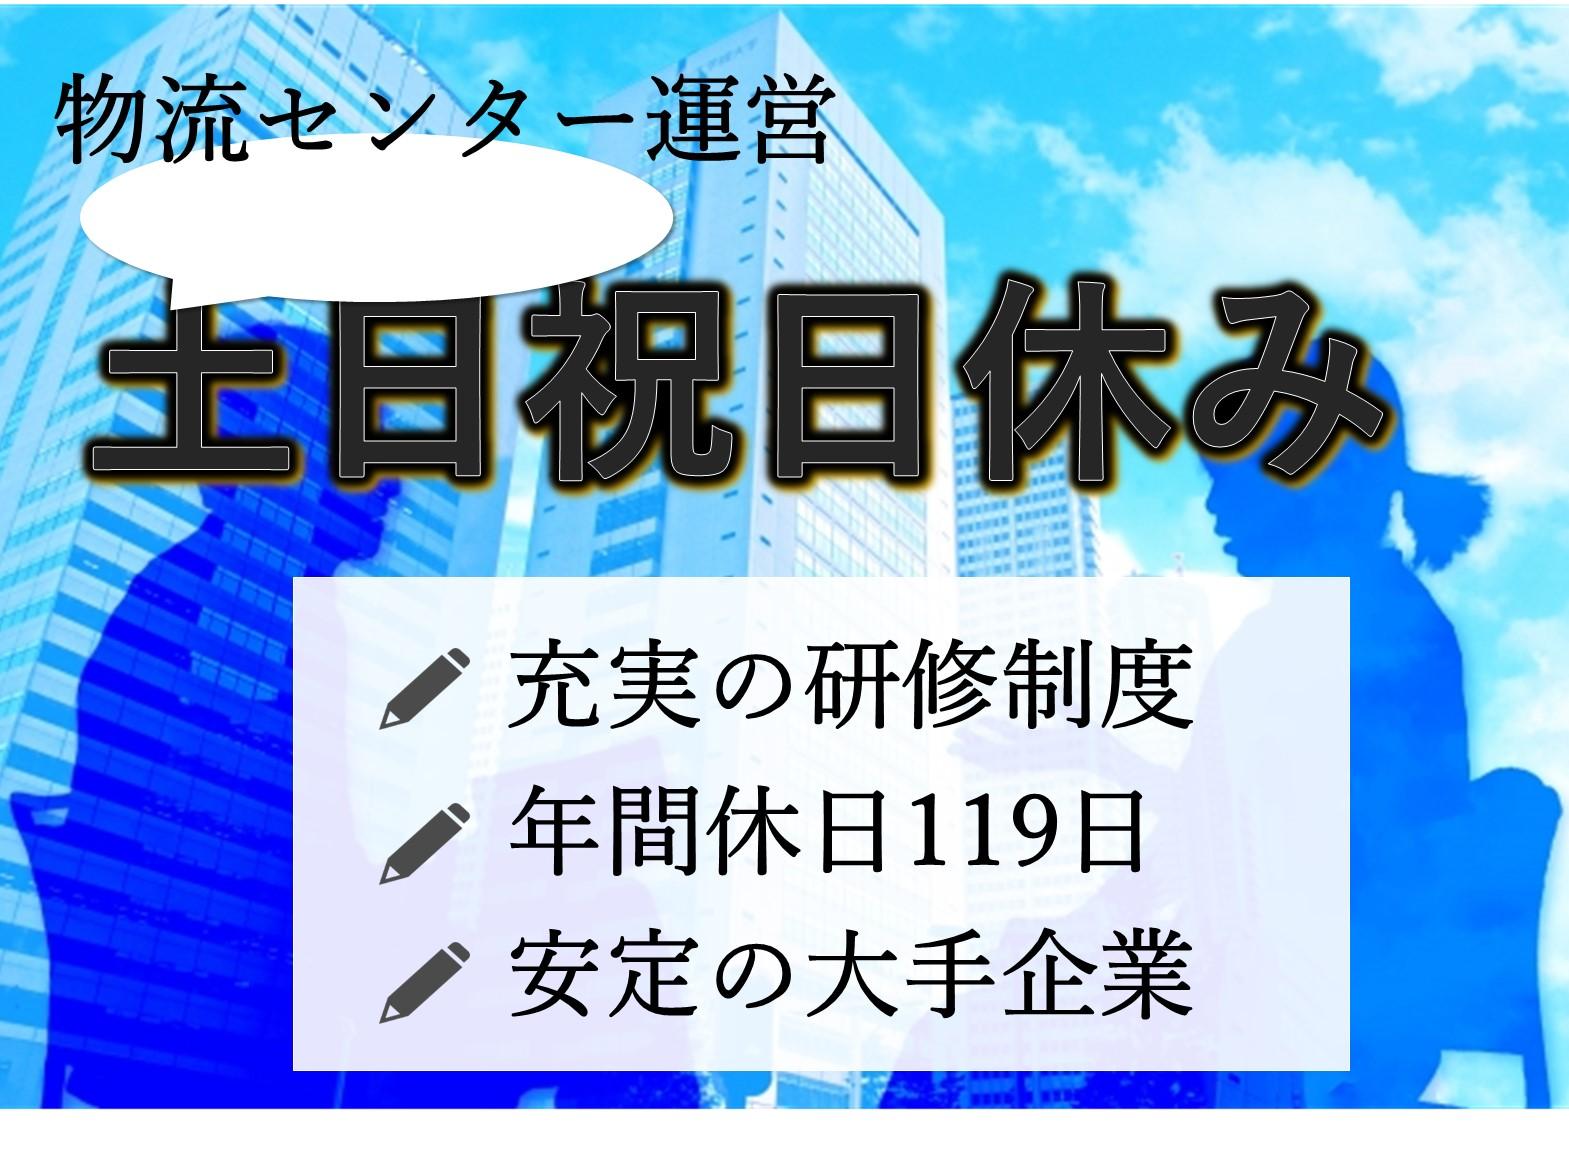 急募【正社員】土日祝休み◎キャリアUPを目指す!物流センターの管理業務 イメージ